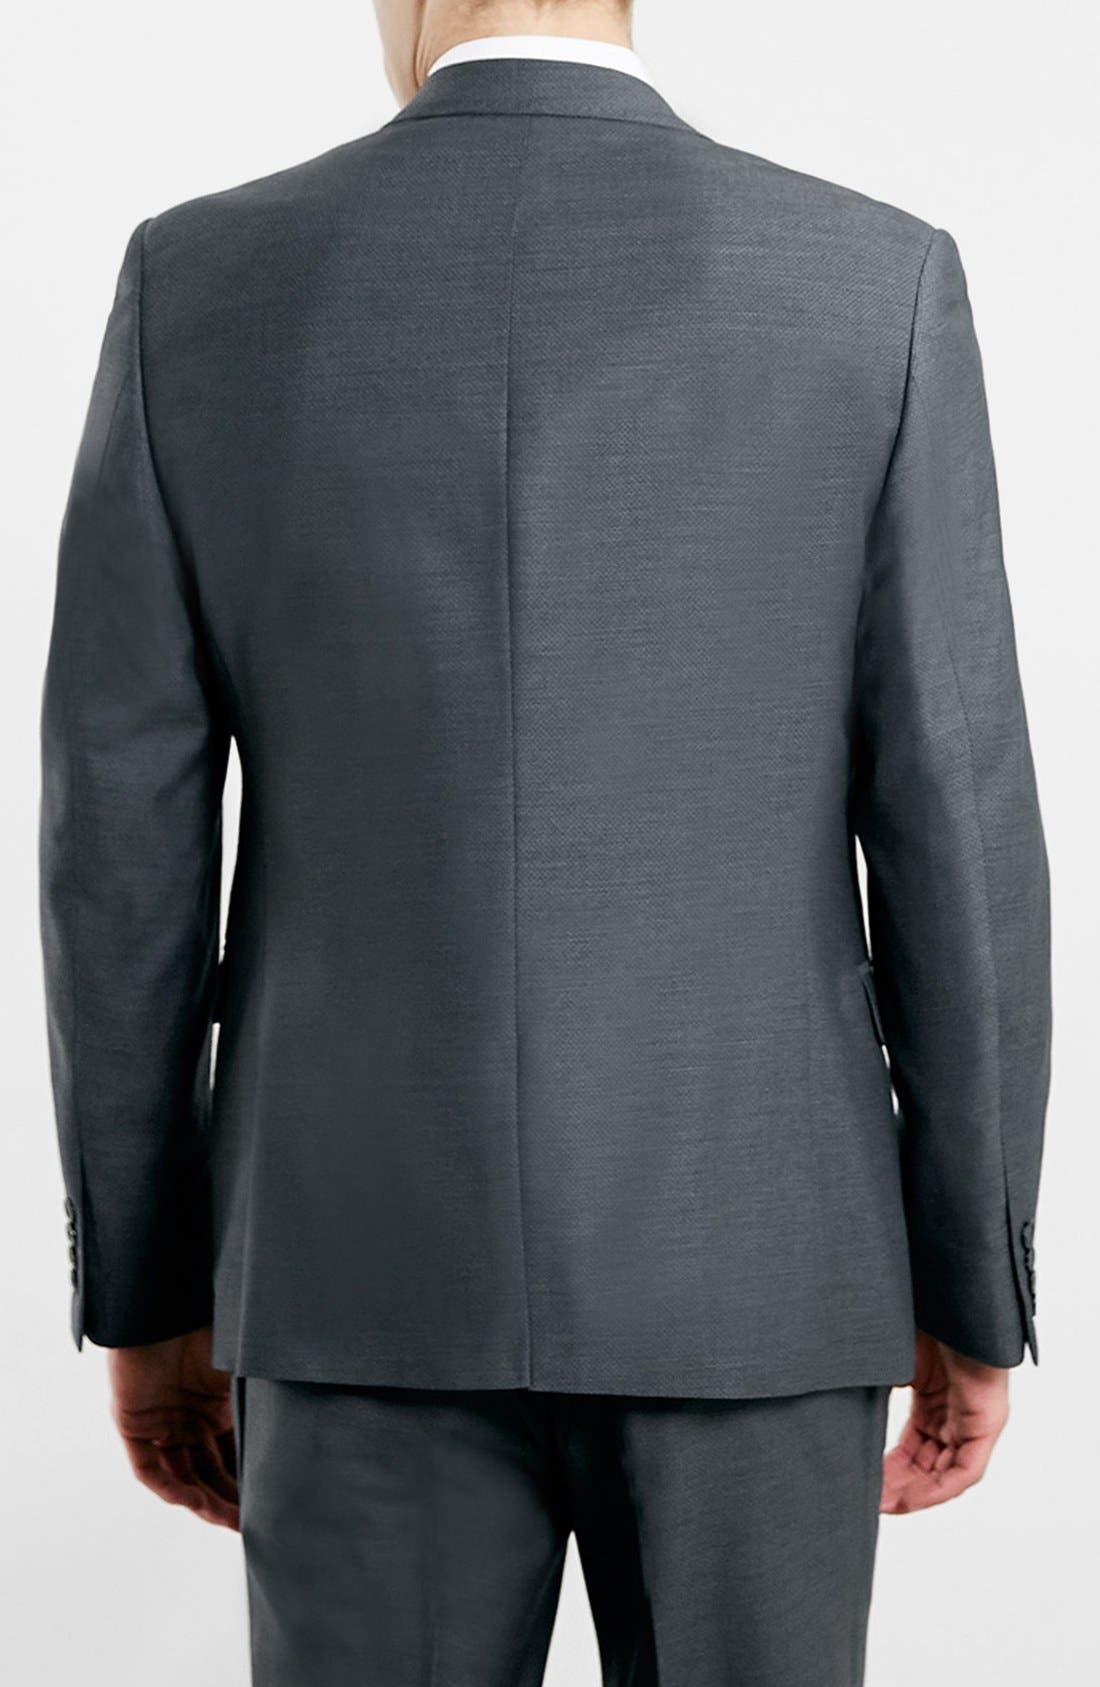 TOPMAN, Slim Fit Grey Diamond Texture Suit Jacket, Alternate thumbnail 3, color, 020